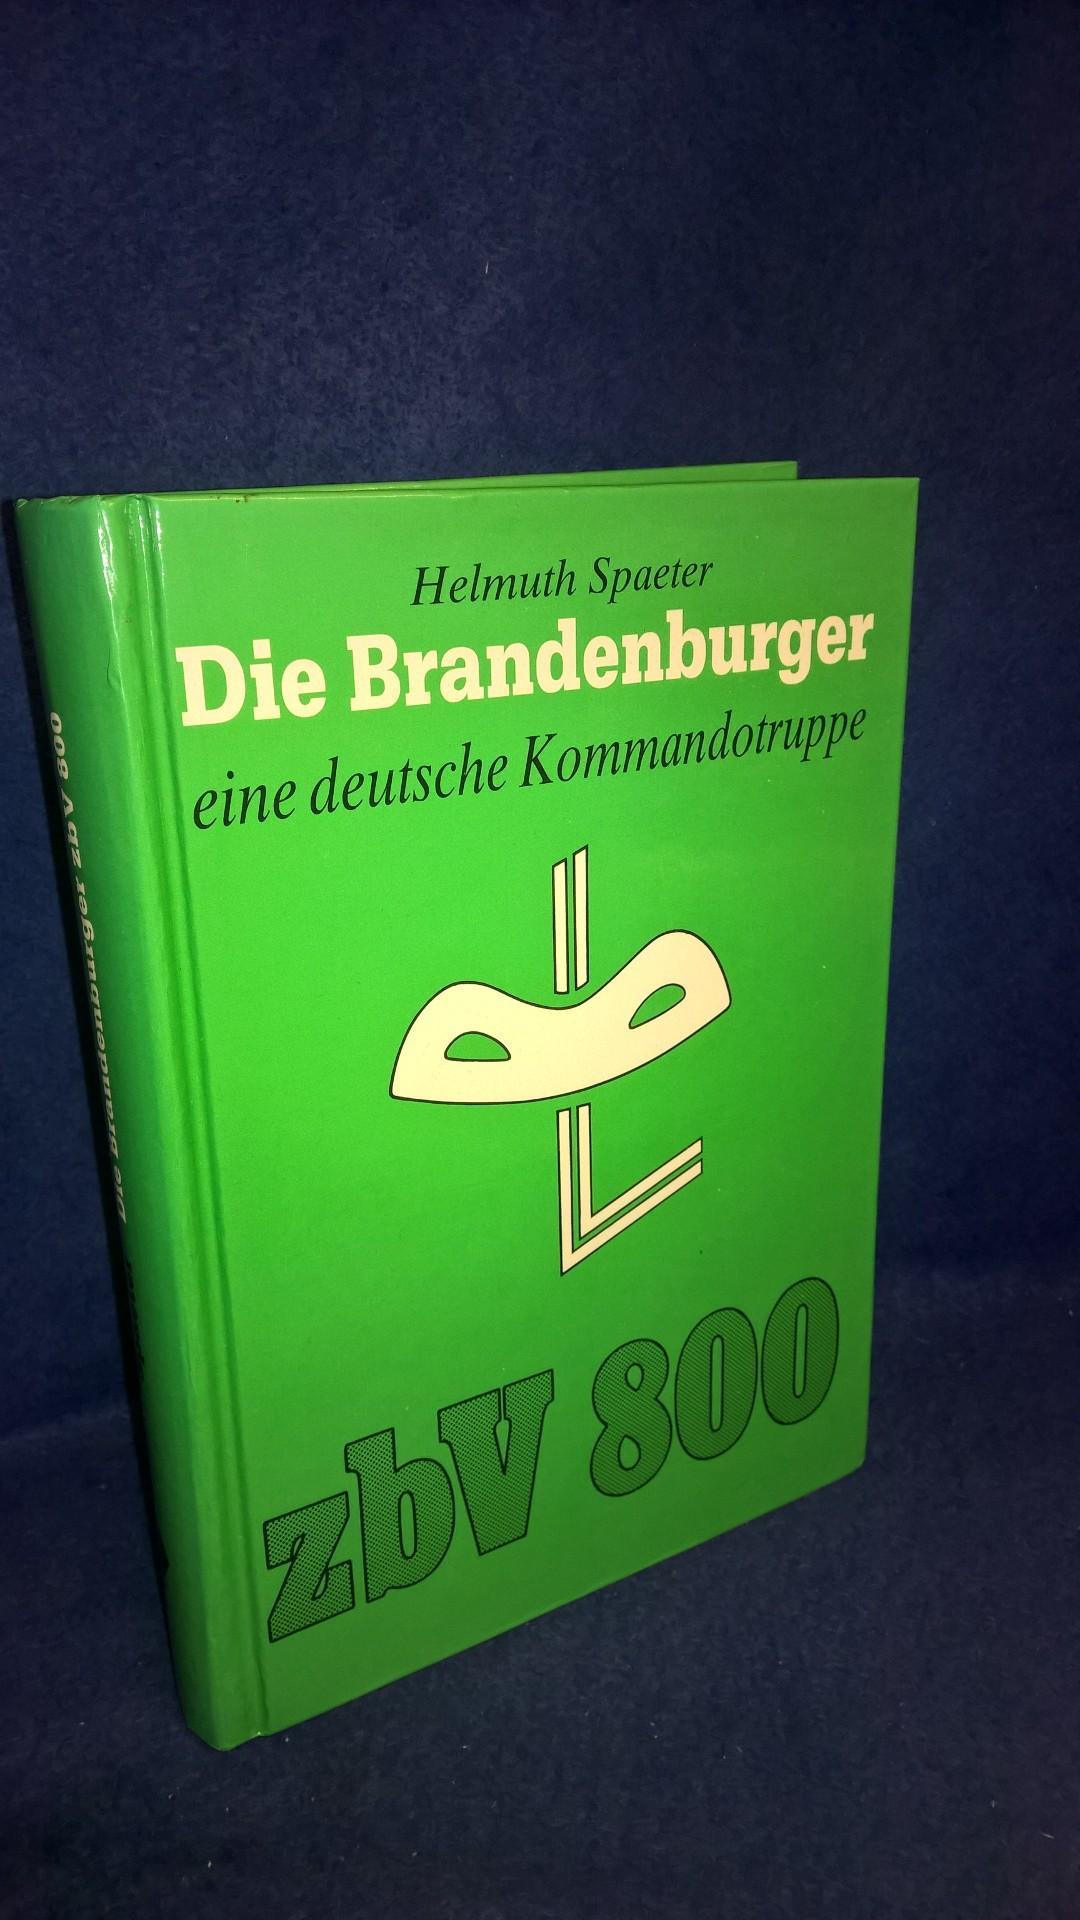 Die Brandenburger. Eine deutsche Kommandotruppe zbV 800